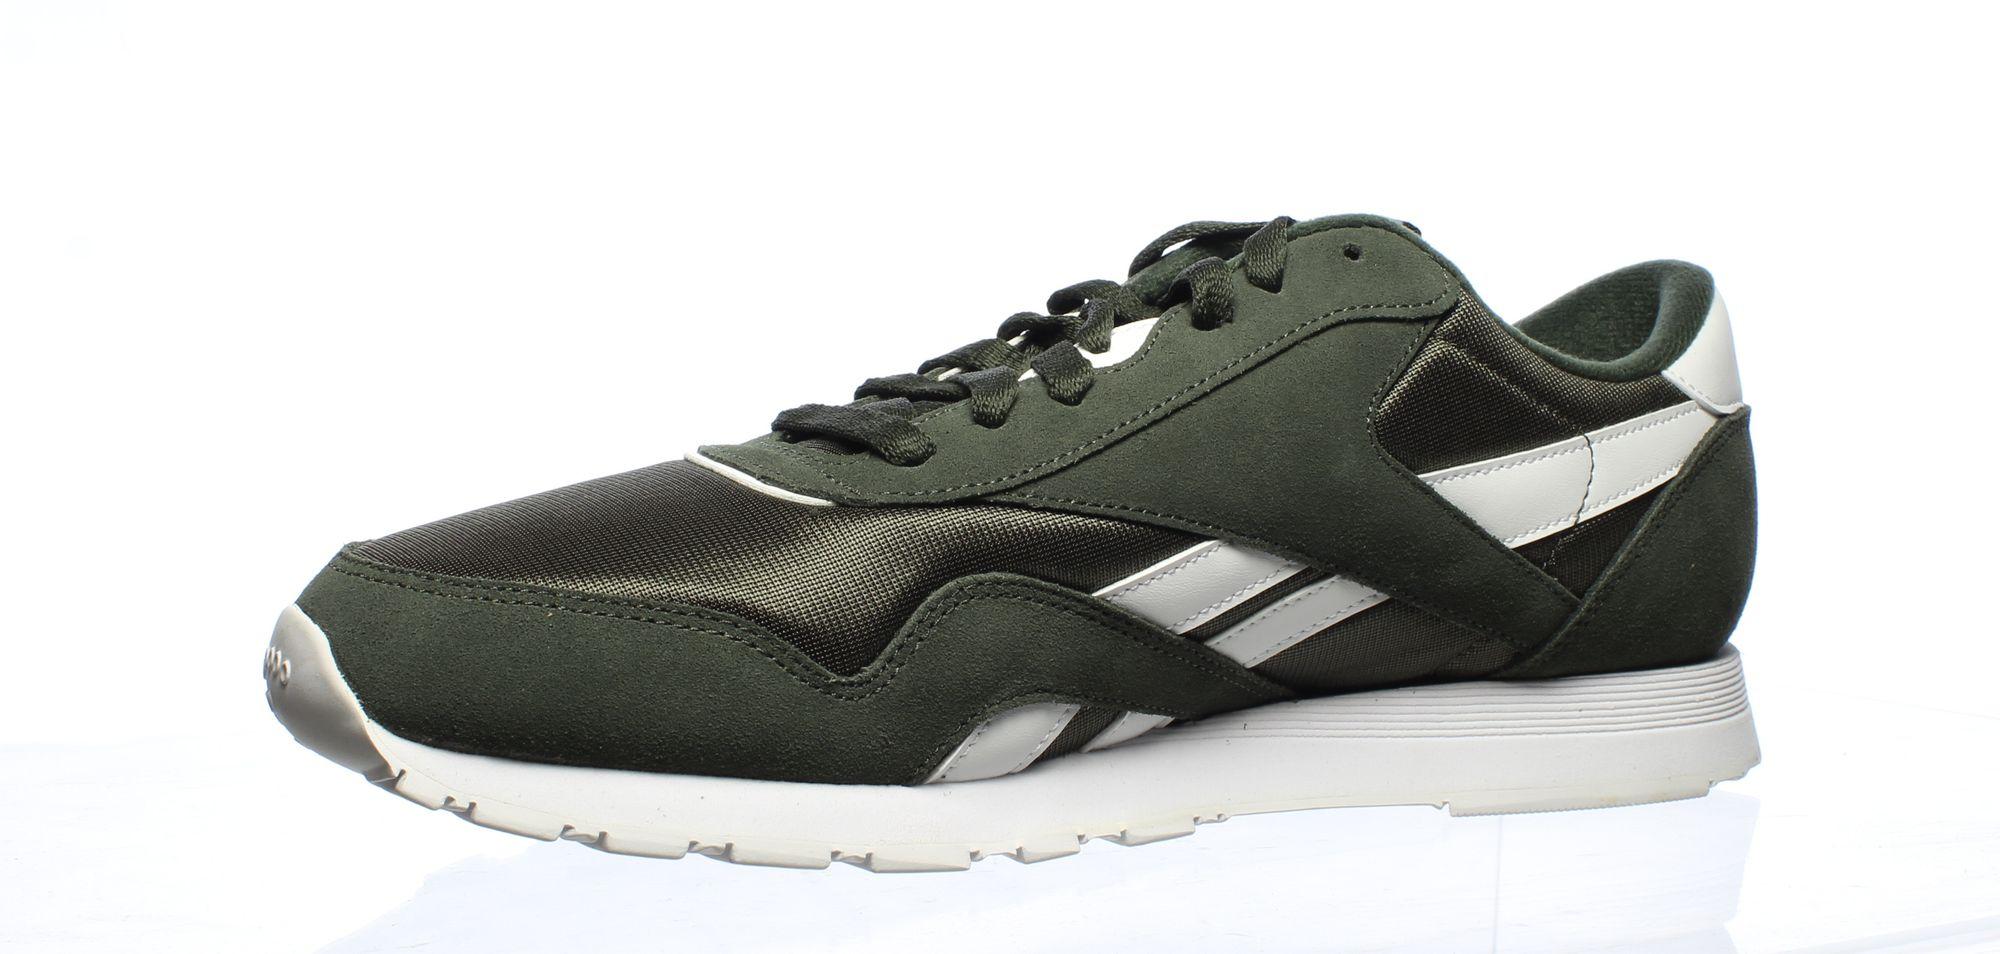 Reebok-Mens-Cl-Nylon-Fashion-Sneakers thumbnail 23